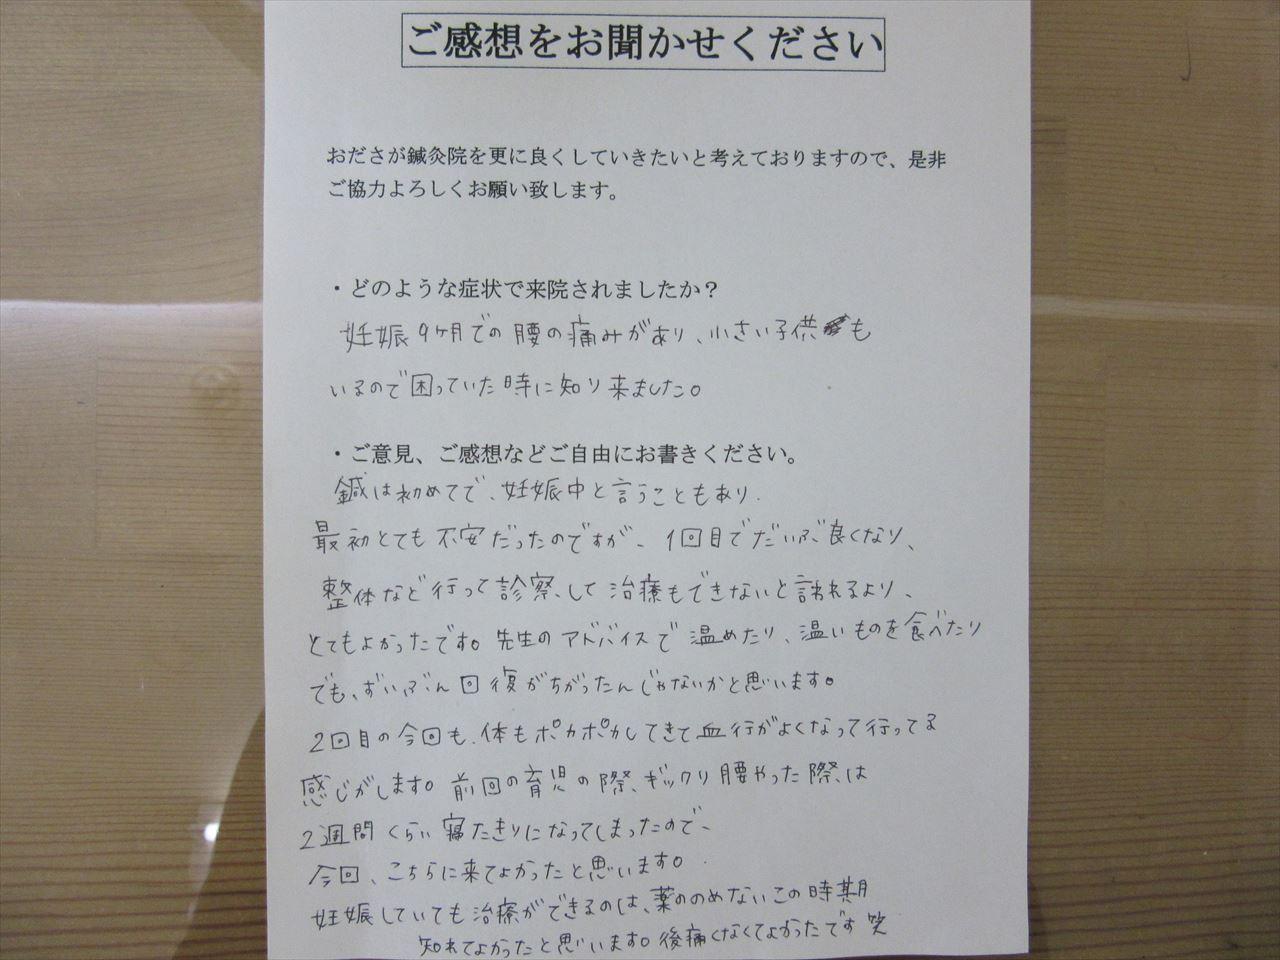 患者からの 手書手紙 専業主婦 妊娠中の急性腰痛